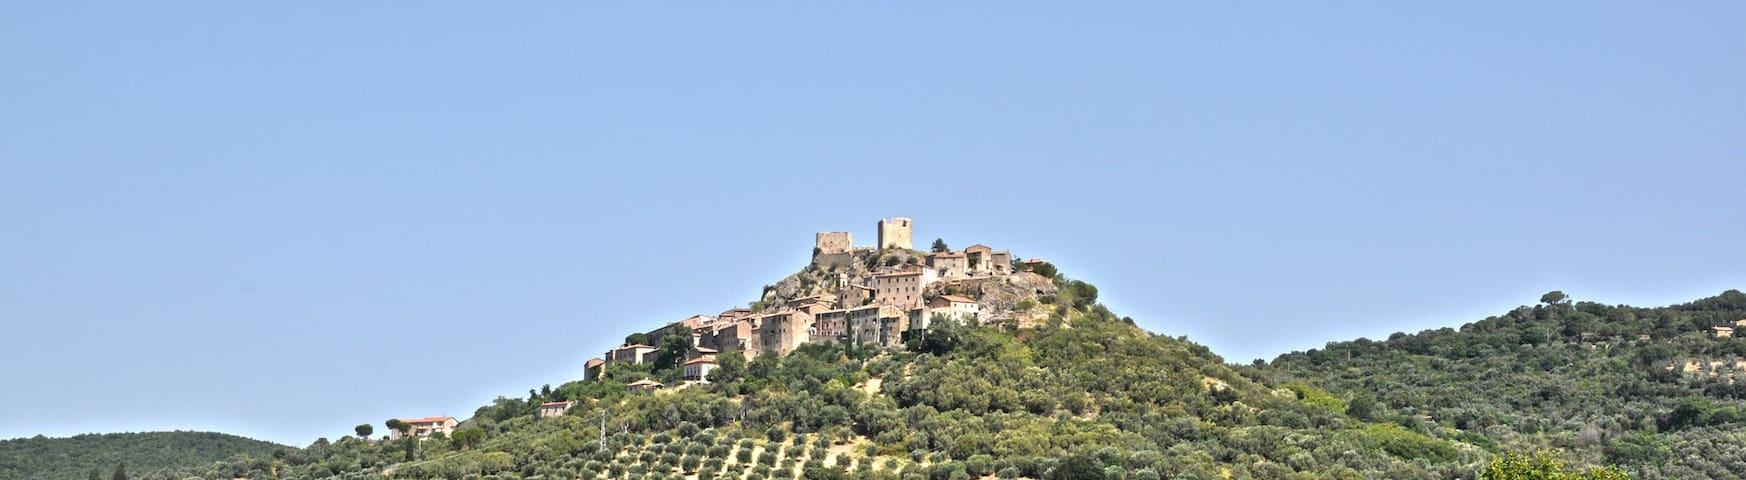 Montemassi - balcone della Maremma - Province of Grosseto - Hus